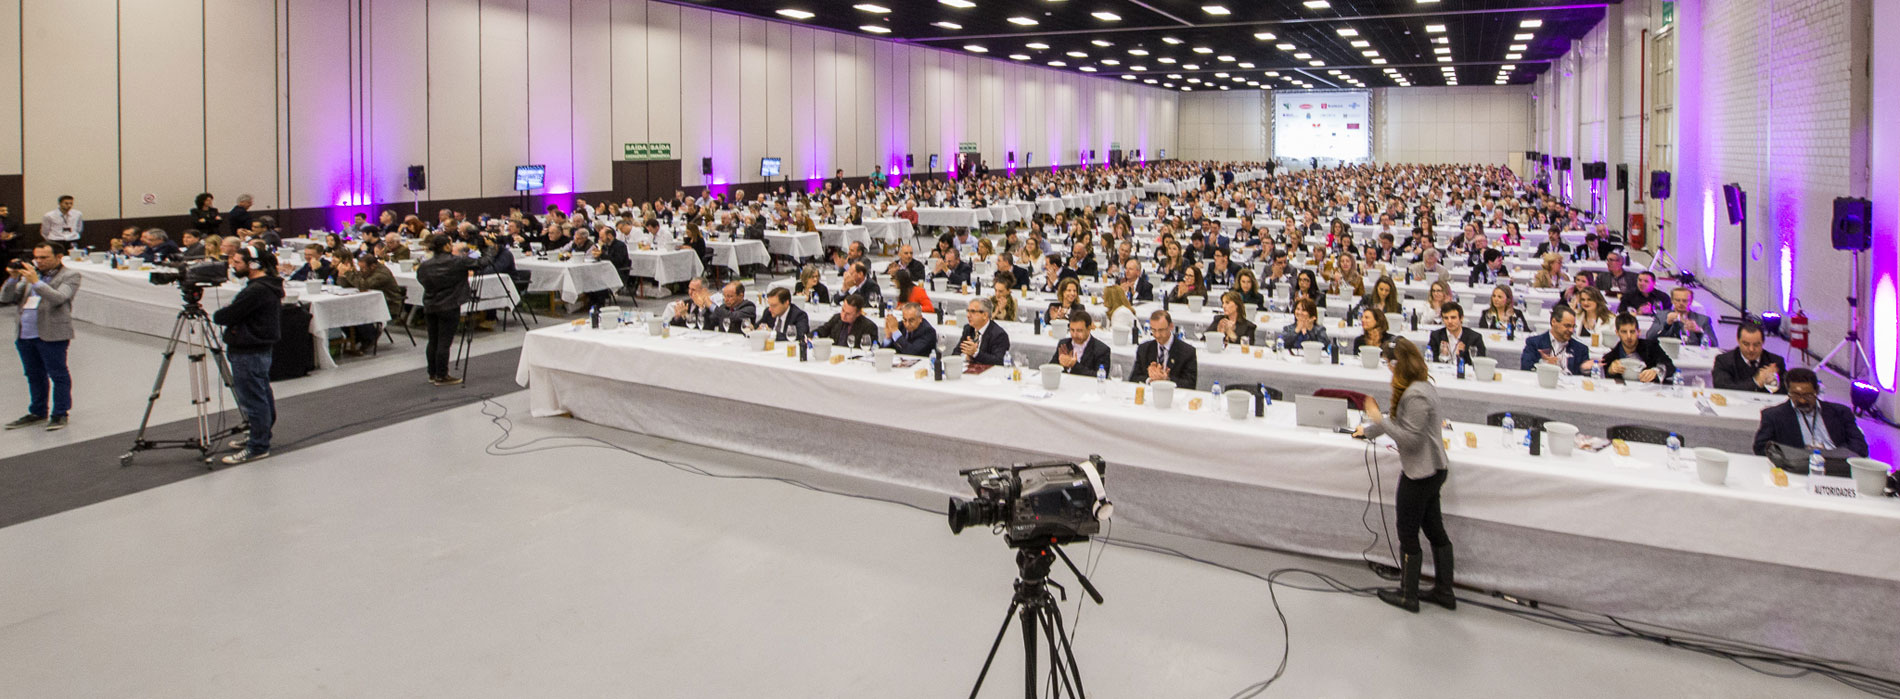 Um encontro de união e trabalho em prol do desenvolvimento